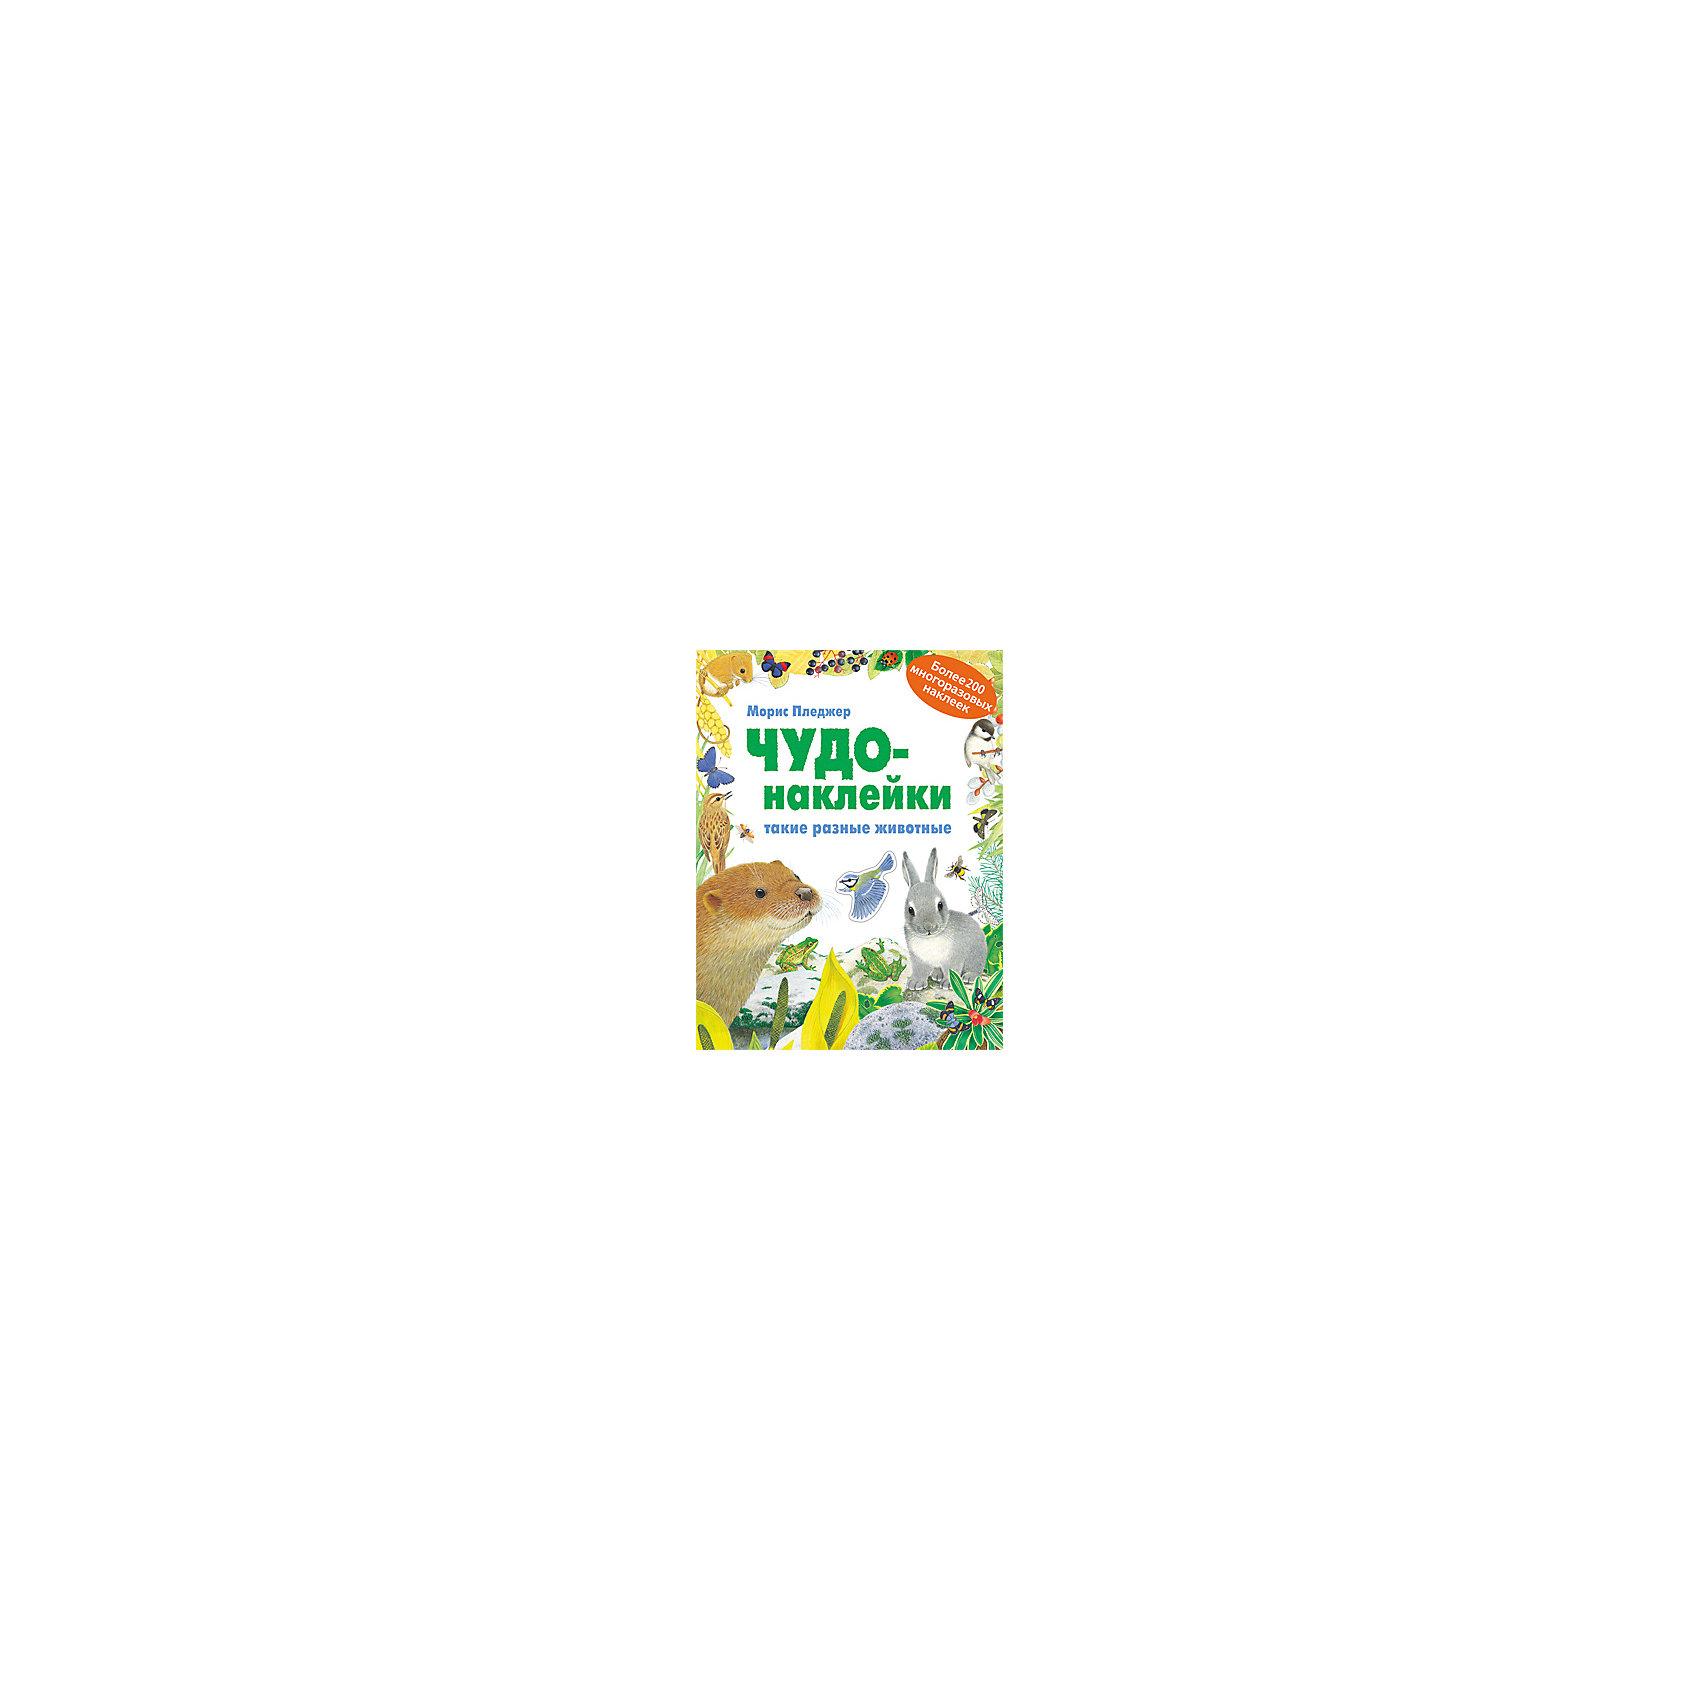 Чудо-наклейки Такие разные животные, Мозаика-СинтезТворчество для малышей<br>Чудо-наклейки Такие разные животные, Мозаика-Синтез.<br><br>Характеристики:<br><br>• Издательство: МОЗАИКА-СИНТЕЗ<br>• ISBN: 978-5-43150-287-3<br>• Тип: книга с многоразовыми наклейками.<br>• Раздел знаний: ознакомление с окружающим миром.<br>• Возраст: 5-7 лет.<br>• Размер книги: 280х215х40мм.<br>• Количество страниц: 80.<br><br>Эта удивительная книга расскажет о птицах и рыбах, млекопитающих и амфибиях и о множестве других видов животных. На её страницах Вас ждут более 200 многоразовых наклеек, увлекательные задания, красочные иллюстрации. Создавайте яркие картины, приклеивая на страницы наклейки замечательных животных!<br><br>Чудо-наклейки Такие разные животные, Мозаика-Синтез, можно купить в нашем интернет – магазине<br><br>Ширина мм: 6<br>Глубина мм: 215<br>Высота мм: 280<br>Вес г: 393<br>Возраст от месяцев: 60<br>Возраст до месяцев: 84<br>Пол: Унисекс<br>Возраст: Детский<br>SKU: 5428888